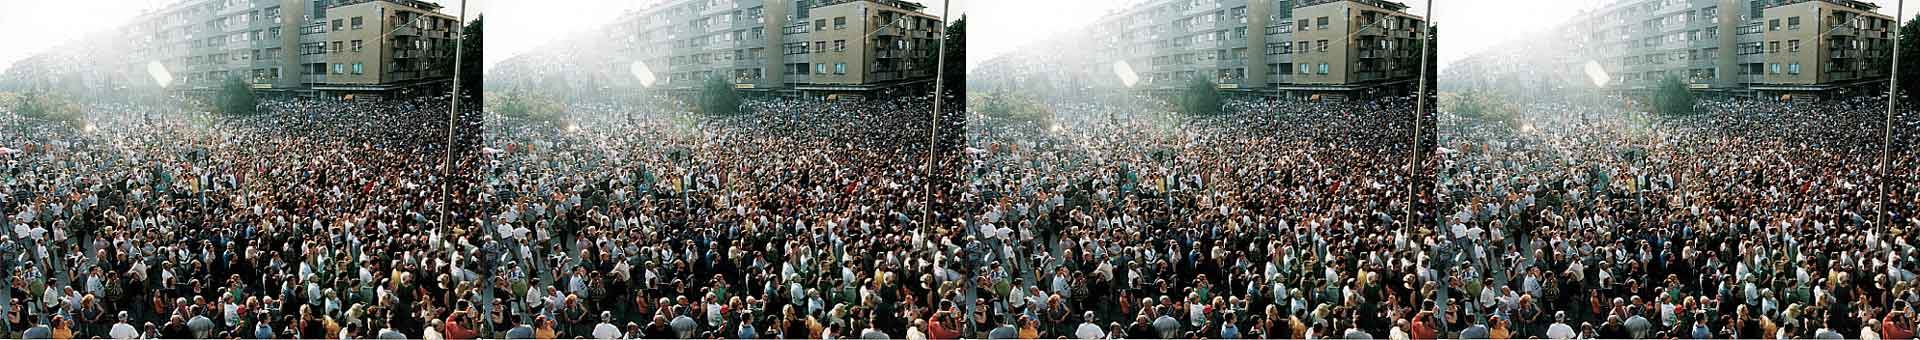 Лесковац, 5. јул 1999.